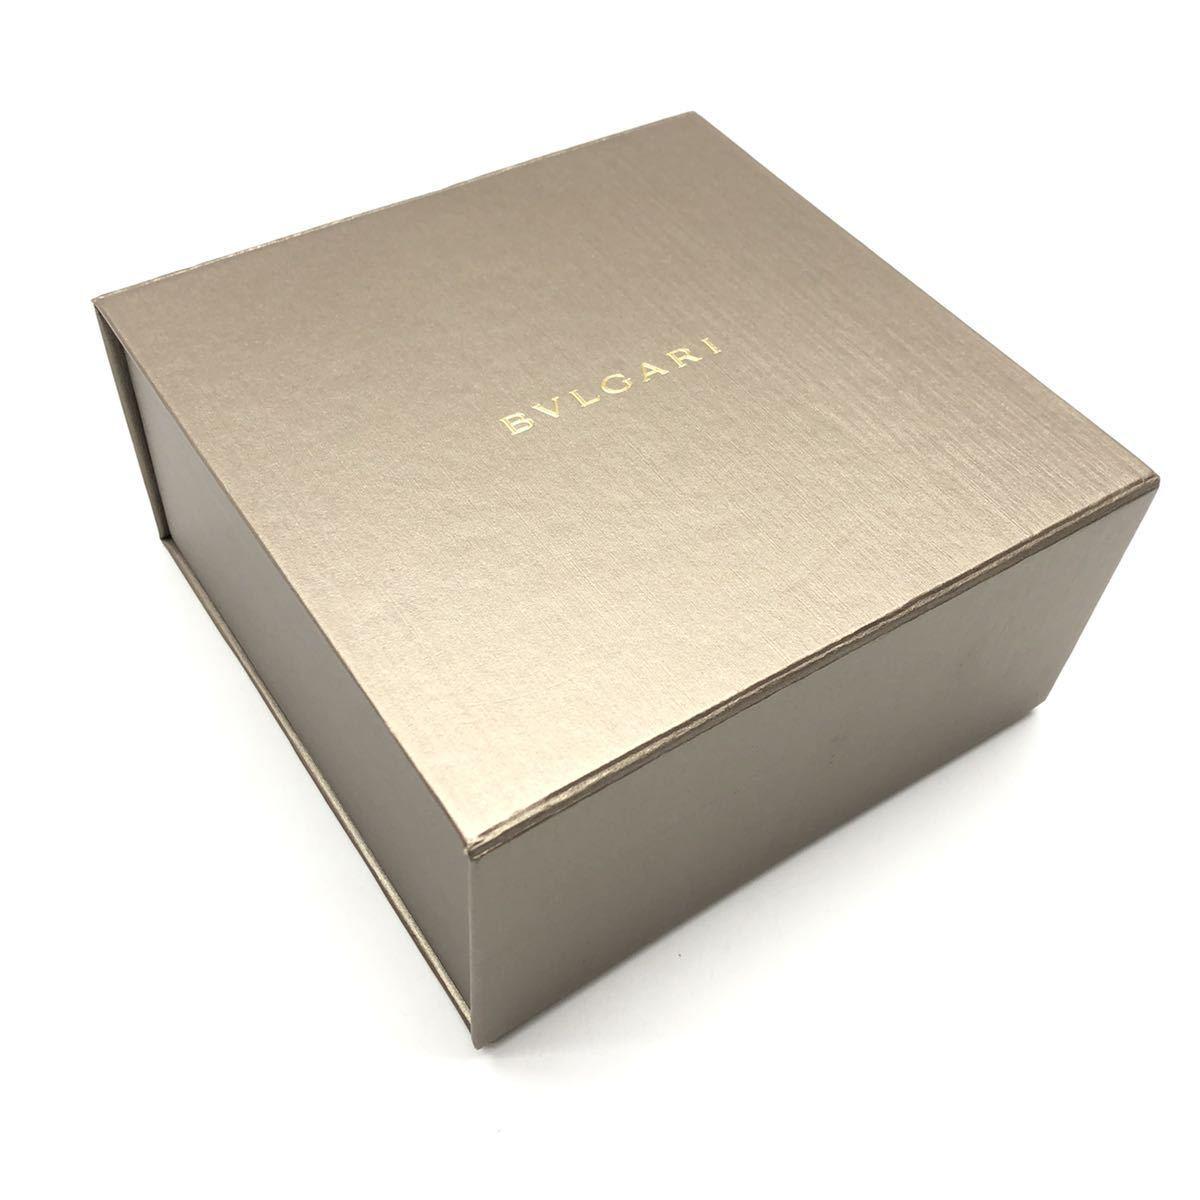 BVLGARI ブルガリ 空箱 ボックス BOX マルチケース 展示備品 付属品 リボン ブランド 管理RY-68